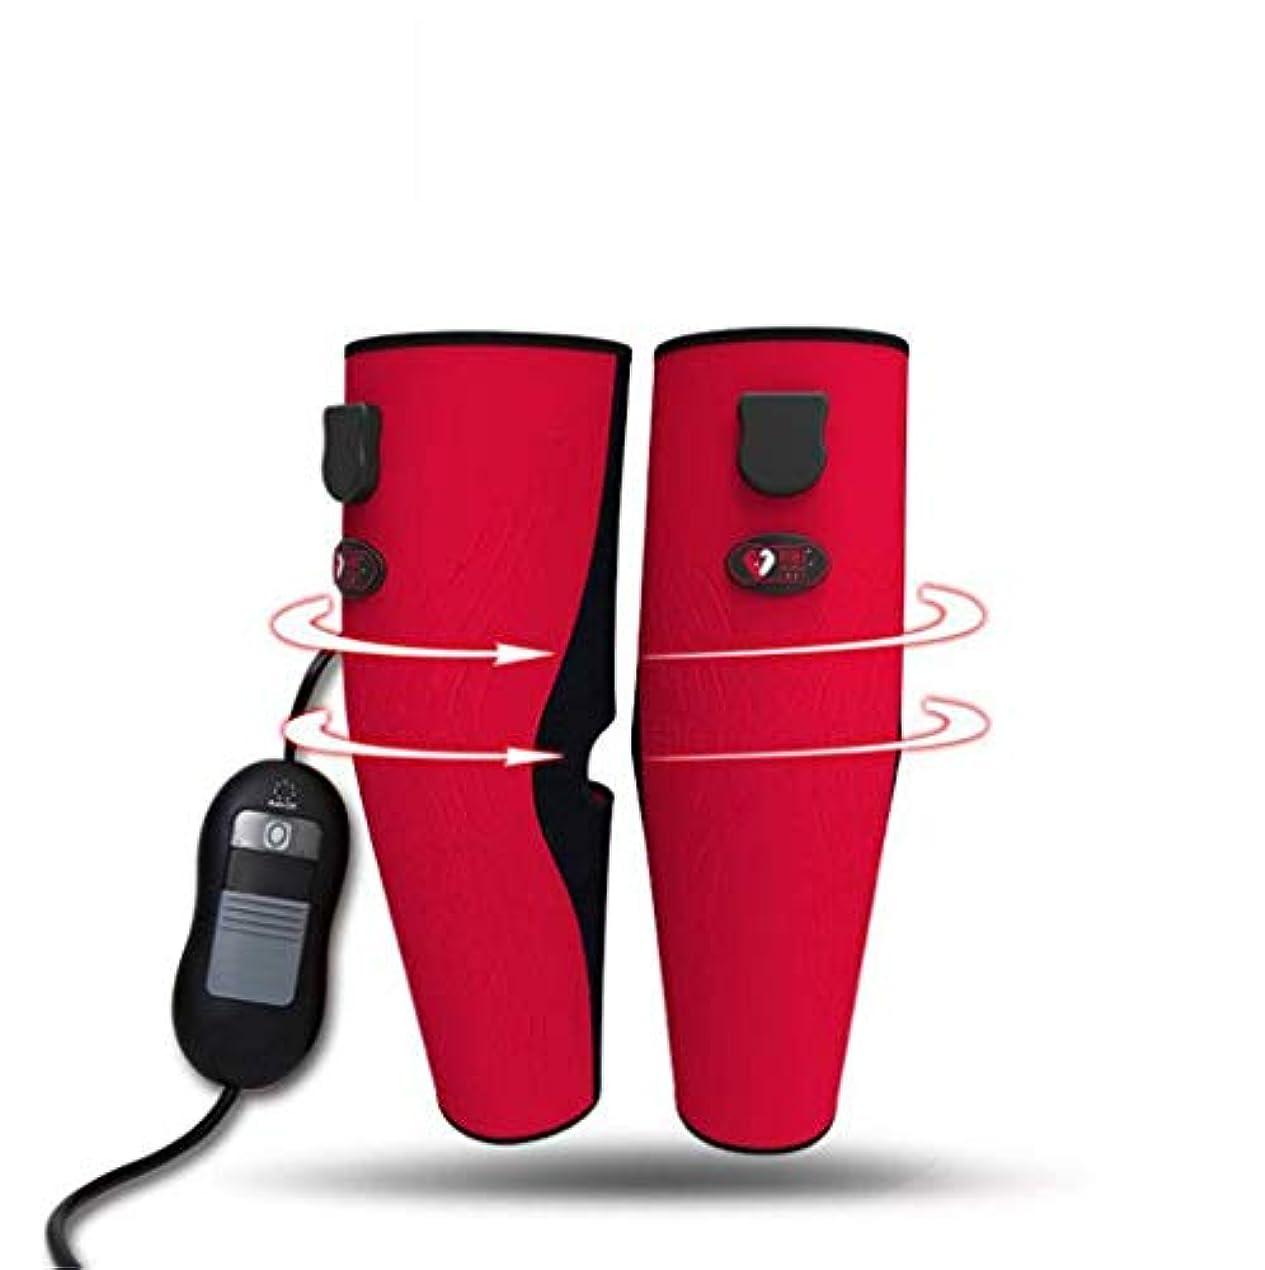 スキニーネスト移民温められた足のマッサージャー、膝と足の痛みを和らげる治療装置、3モード温度制御の痛みを和らげる治療装置